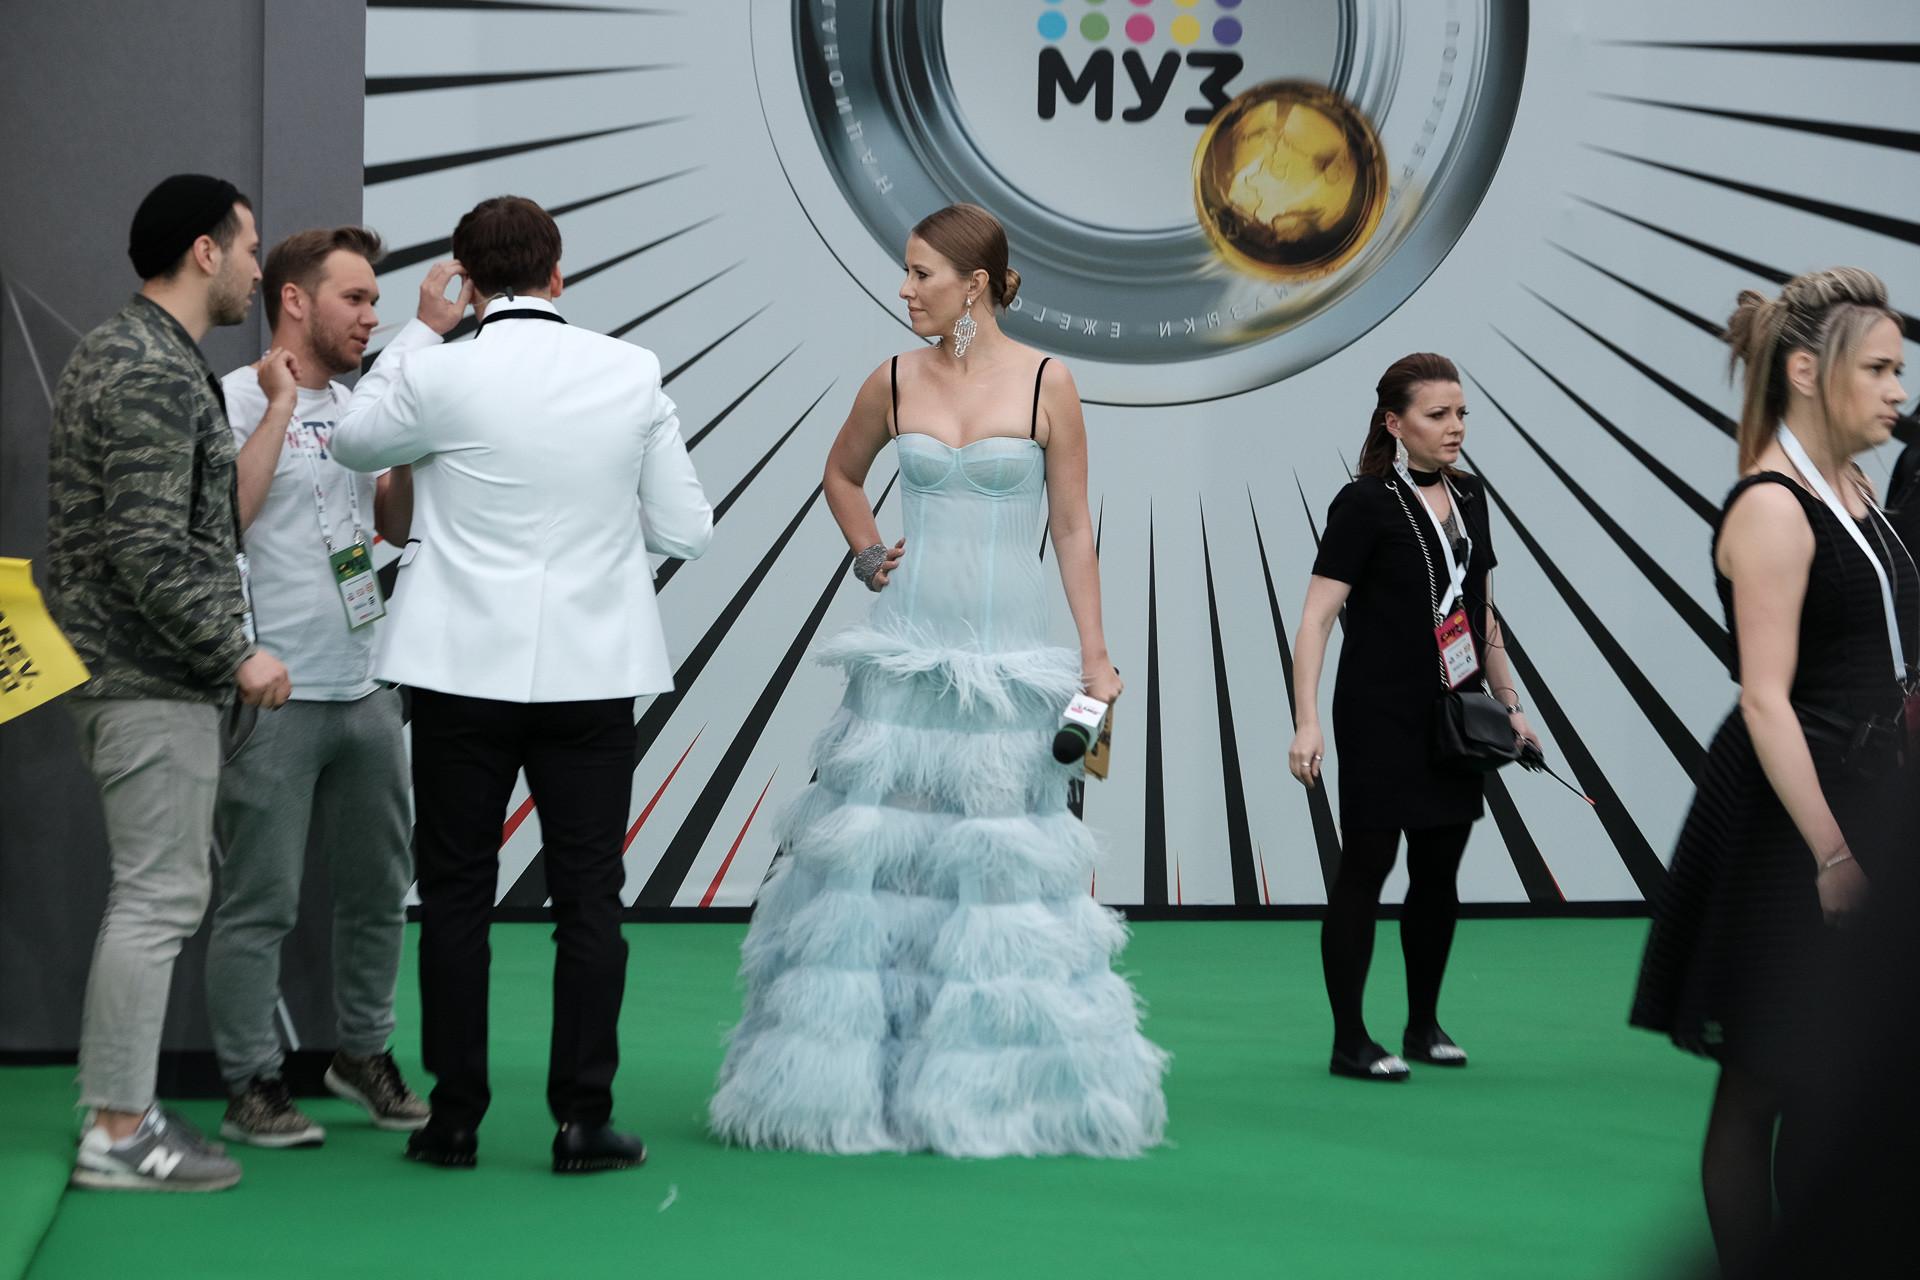 Ксения Собчак Фото: Пресс-служба Муз-ТВ